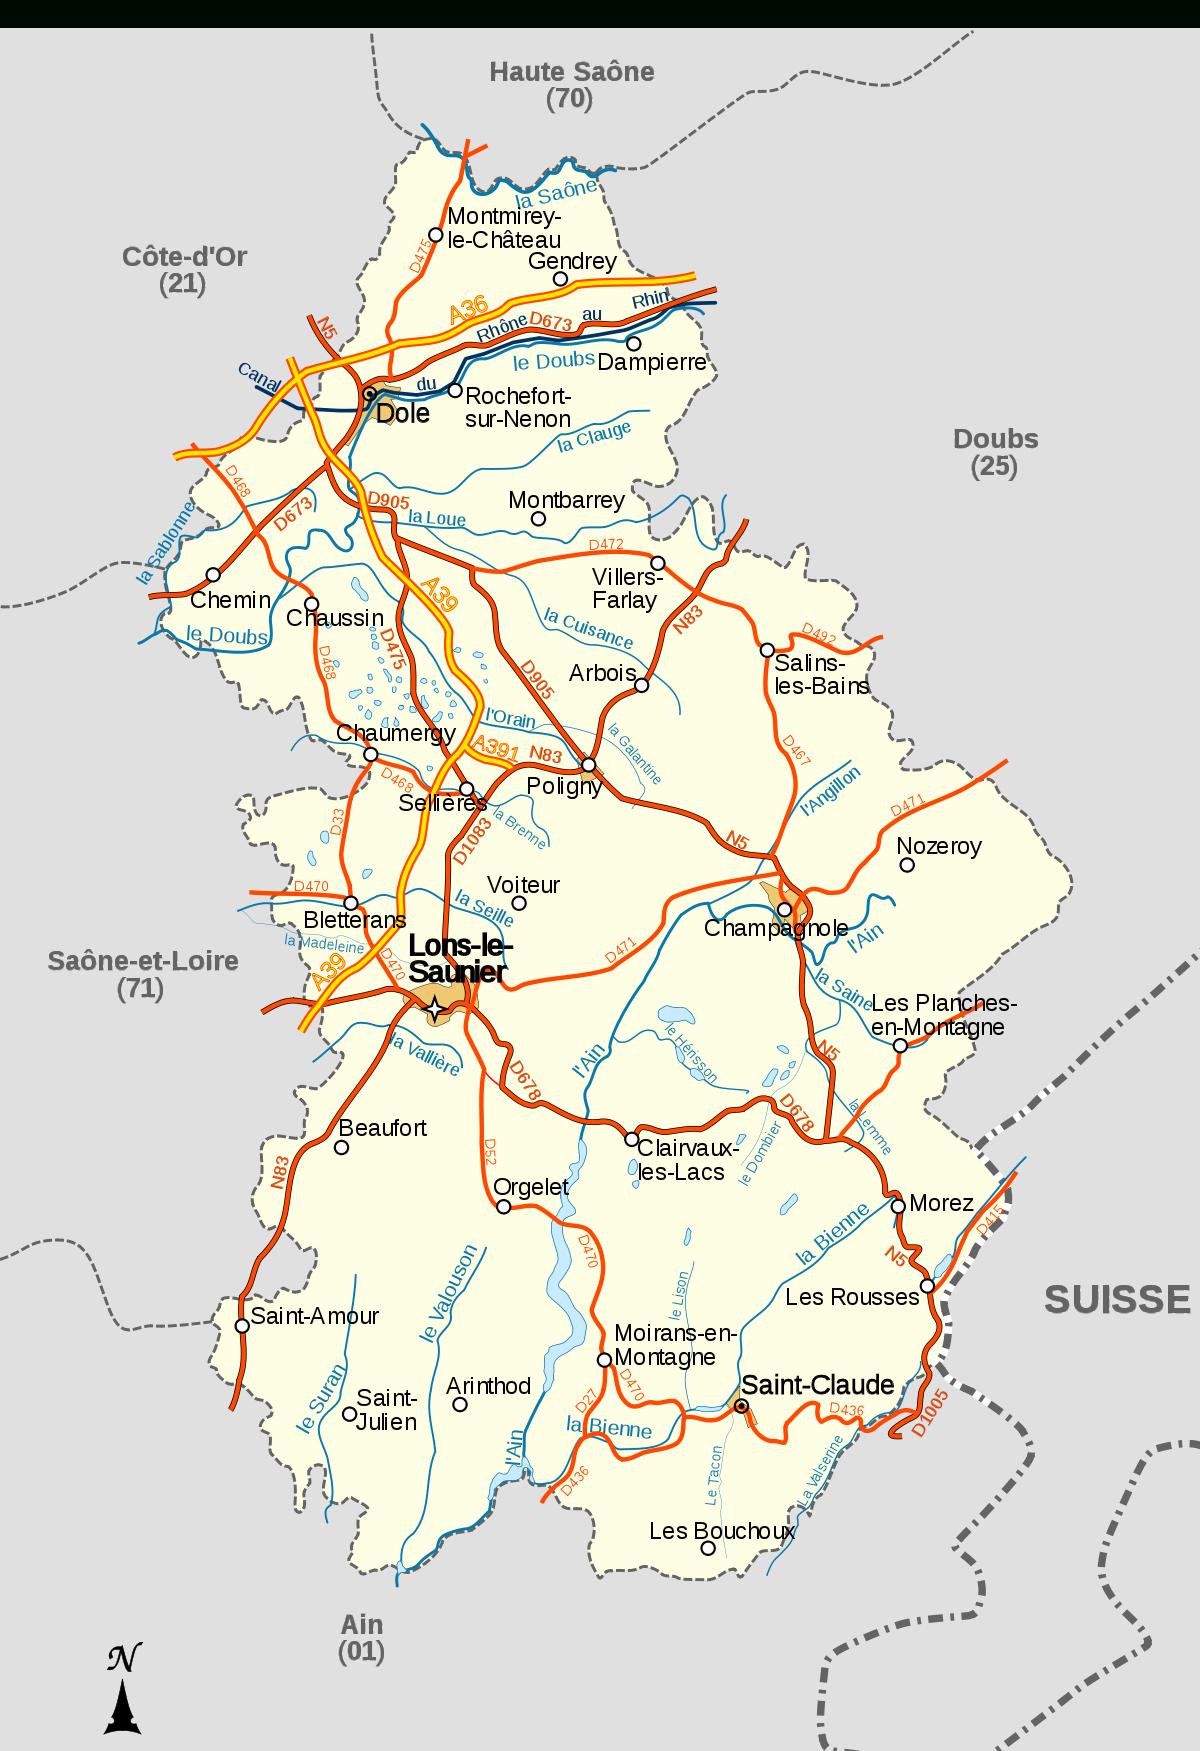 Géographie Du Département Du Jura — Wikipédia concernant Carte Du Sud Est De La France Détaillée